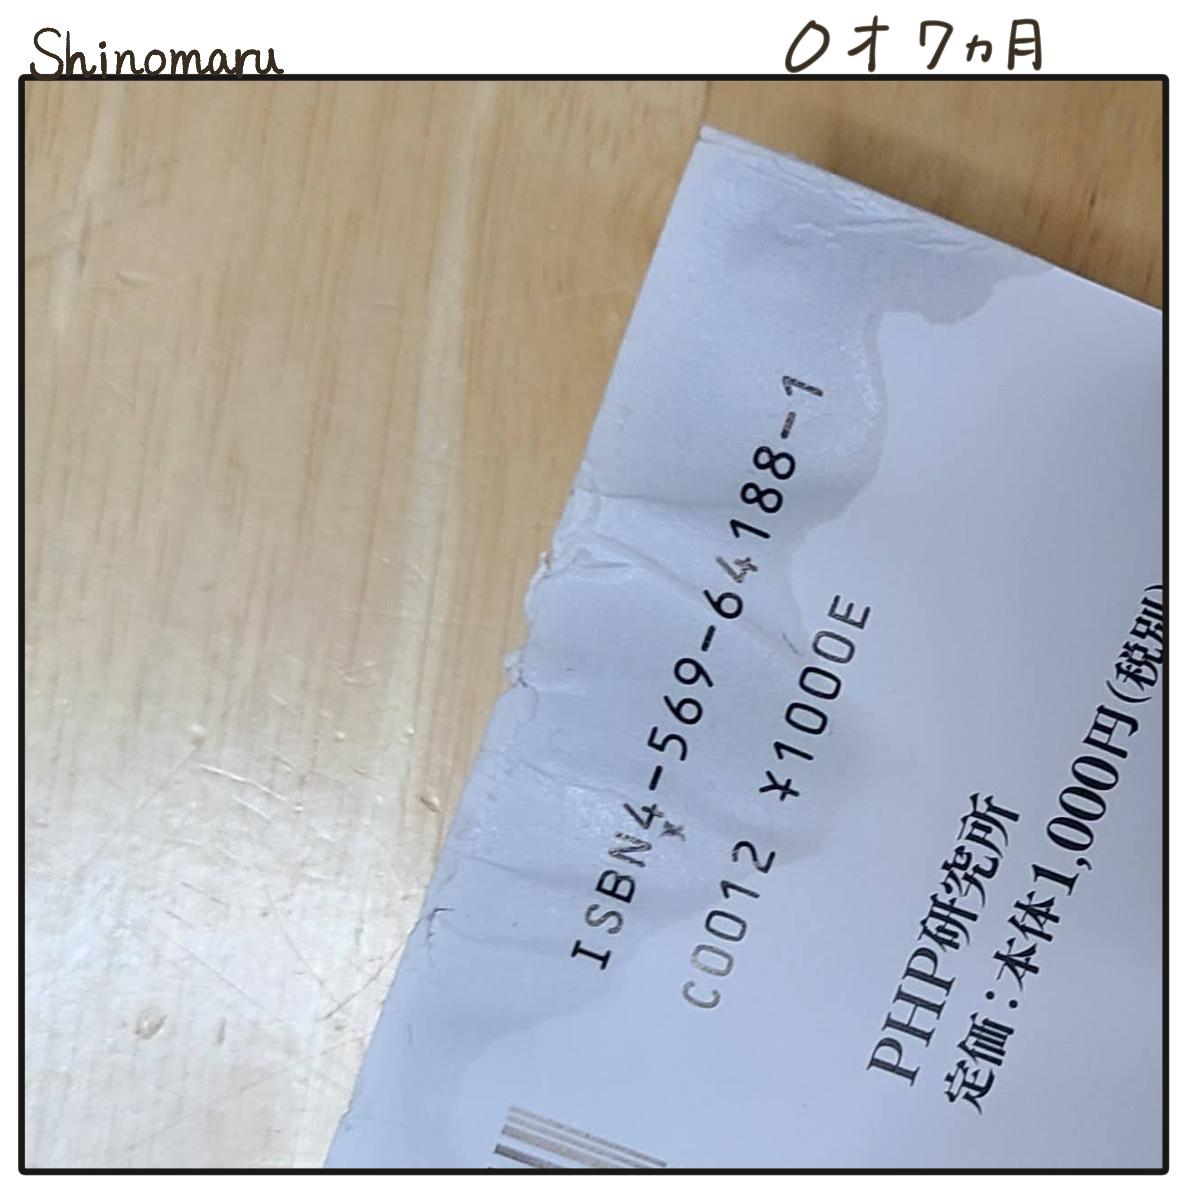 f:id:Shinomaru:20210608221841p:plain